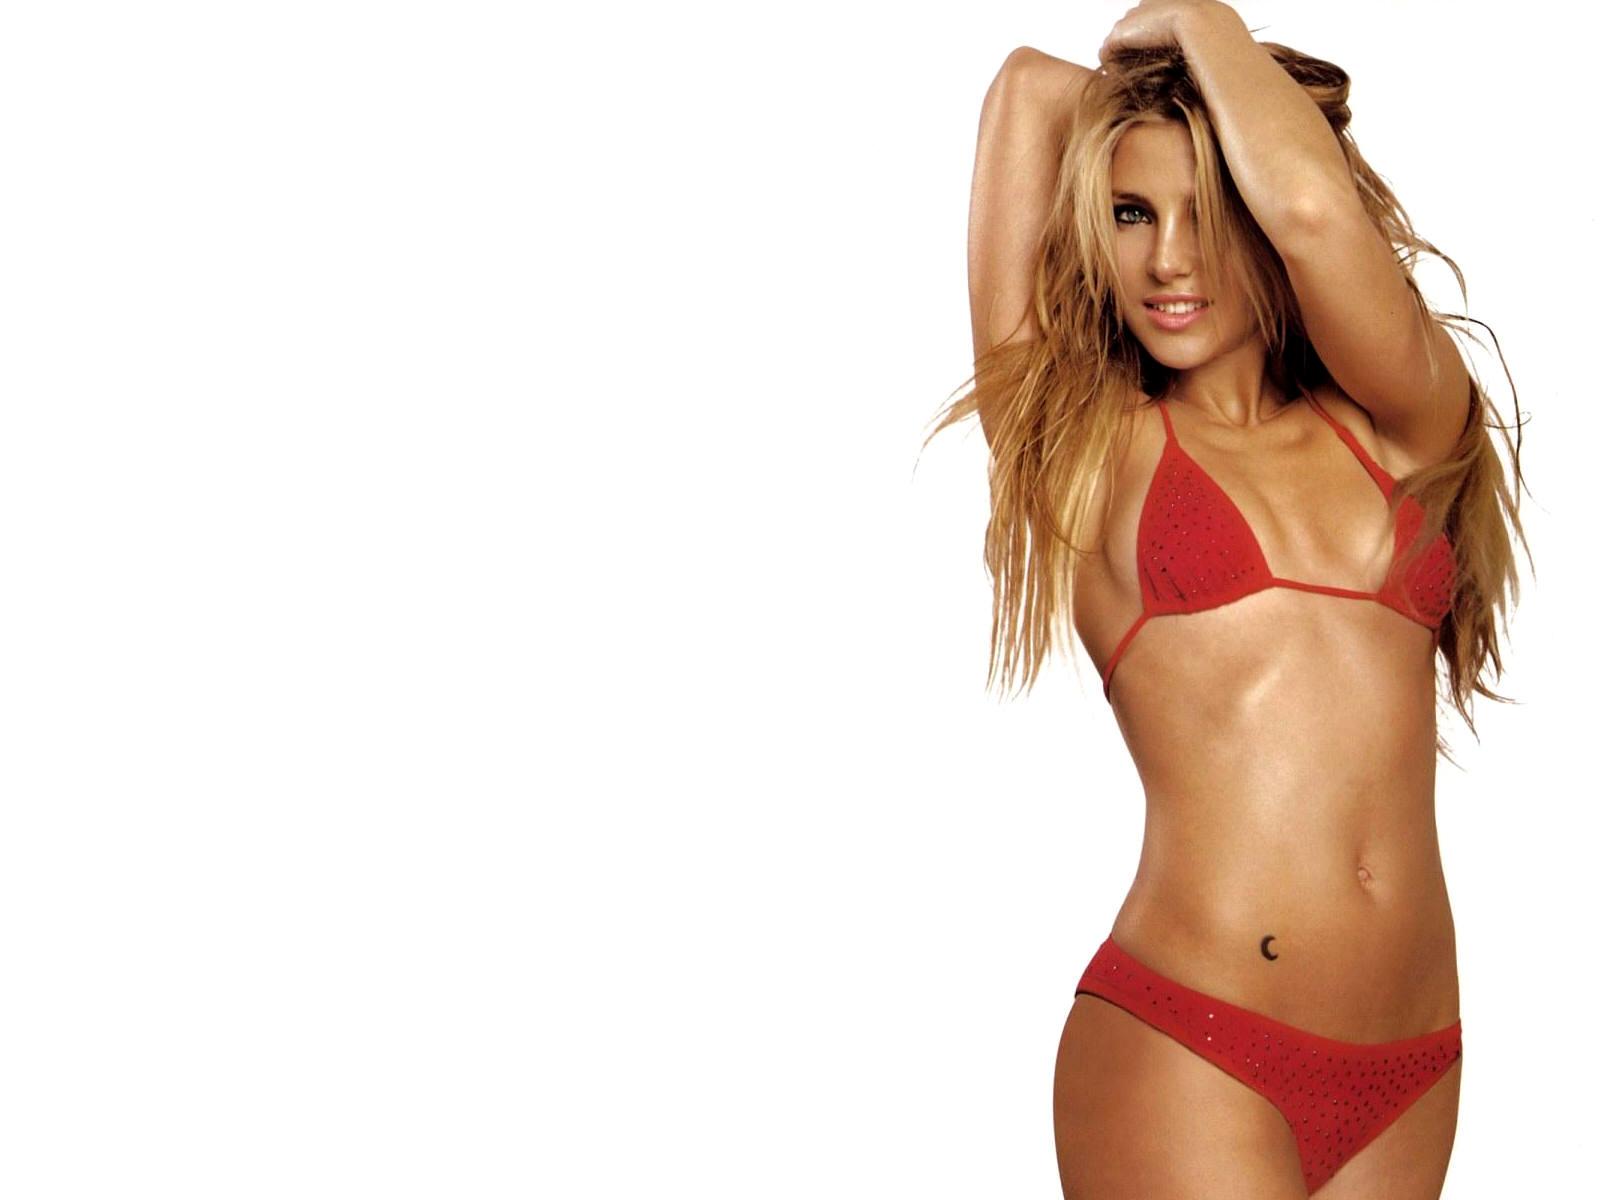 http://3.bp.blogspot.com/_veDbg4Zs4Sg/SuMip0mSiPI/AAAAAAAABhg/XlRY978gtDs/s1600/sexy_celebs_bikini_wallpaper_9.jpg